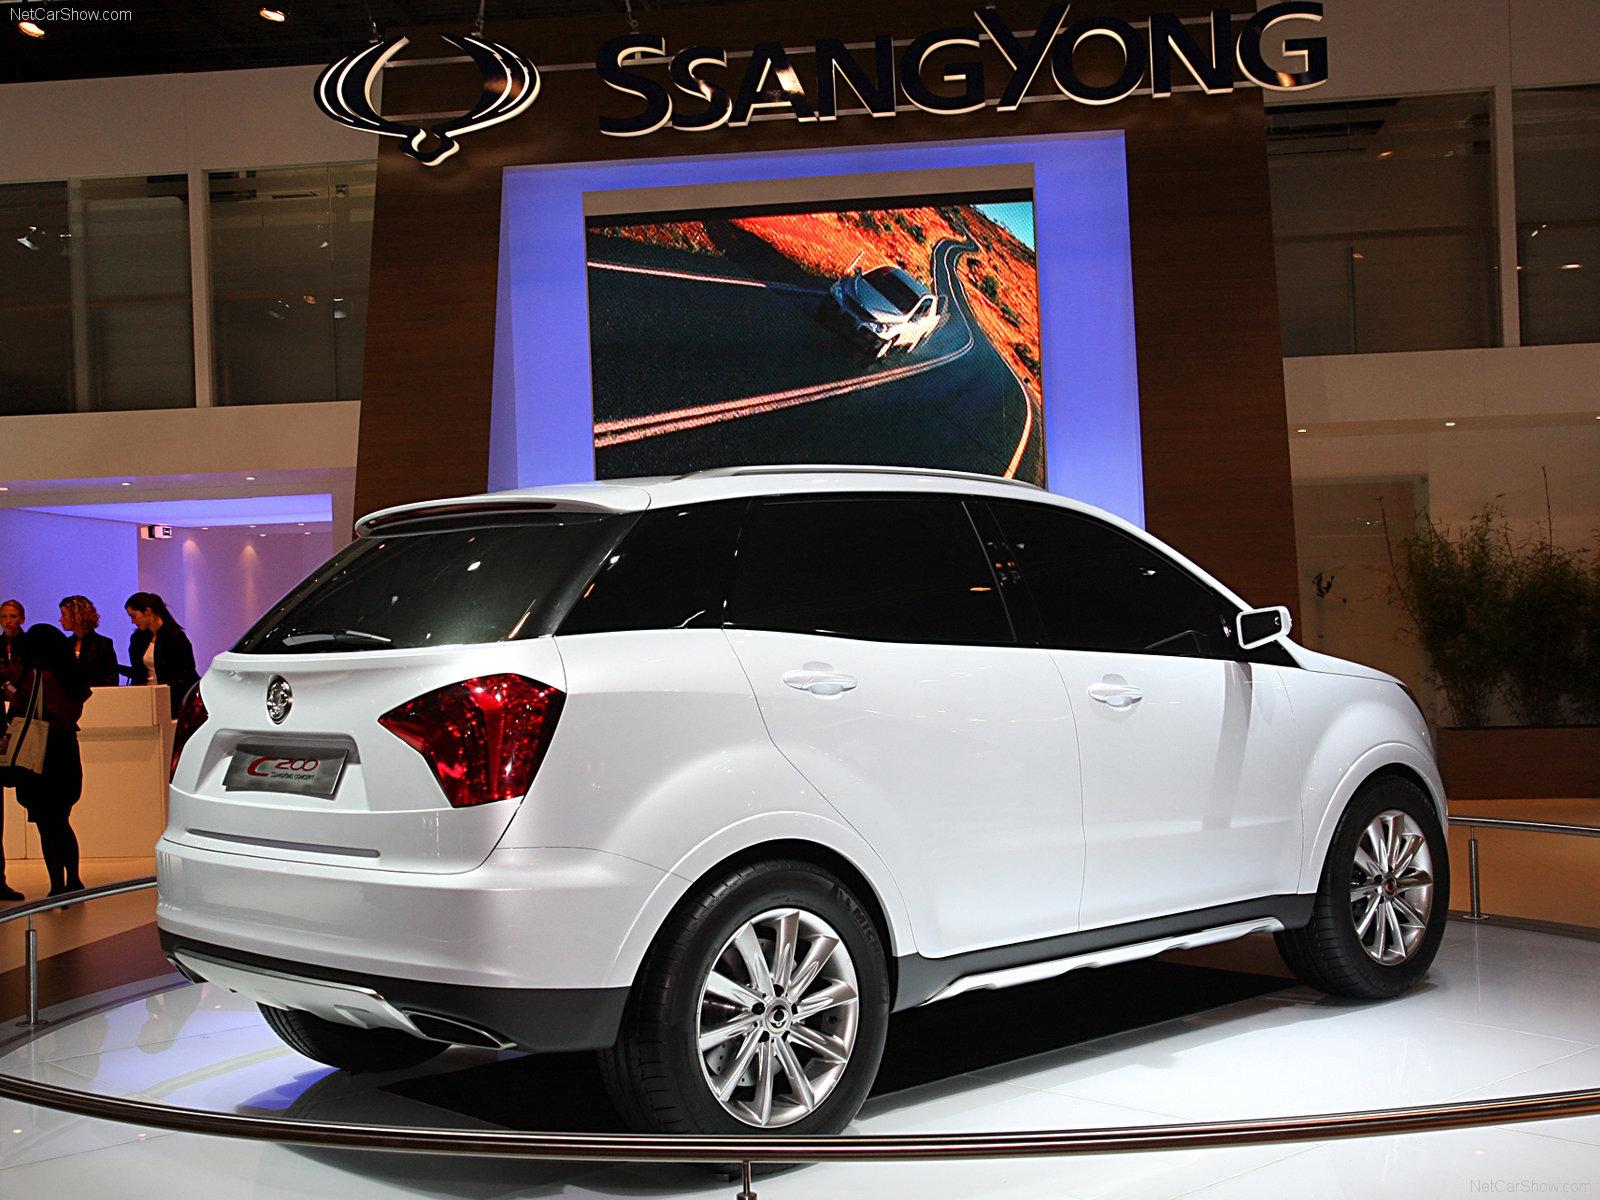 Hình ảnh xe ô tô SsangYong C200 Concept 2008 & nội ngoại thất